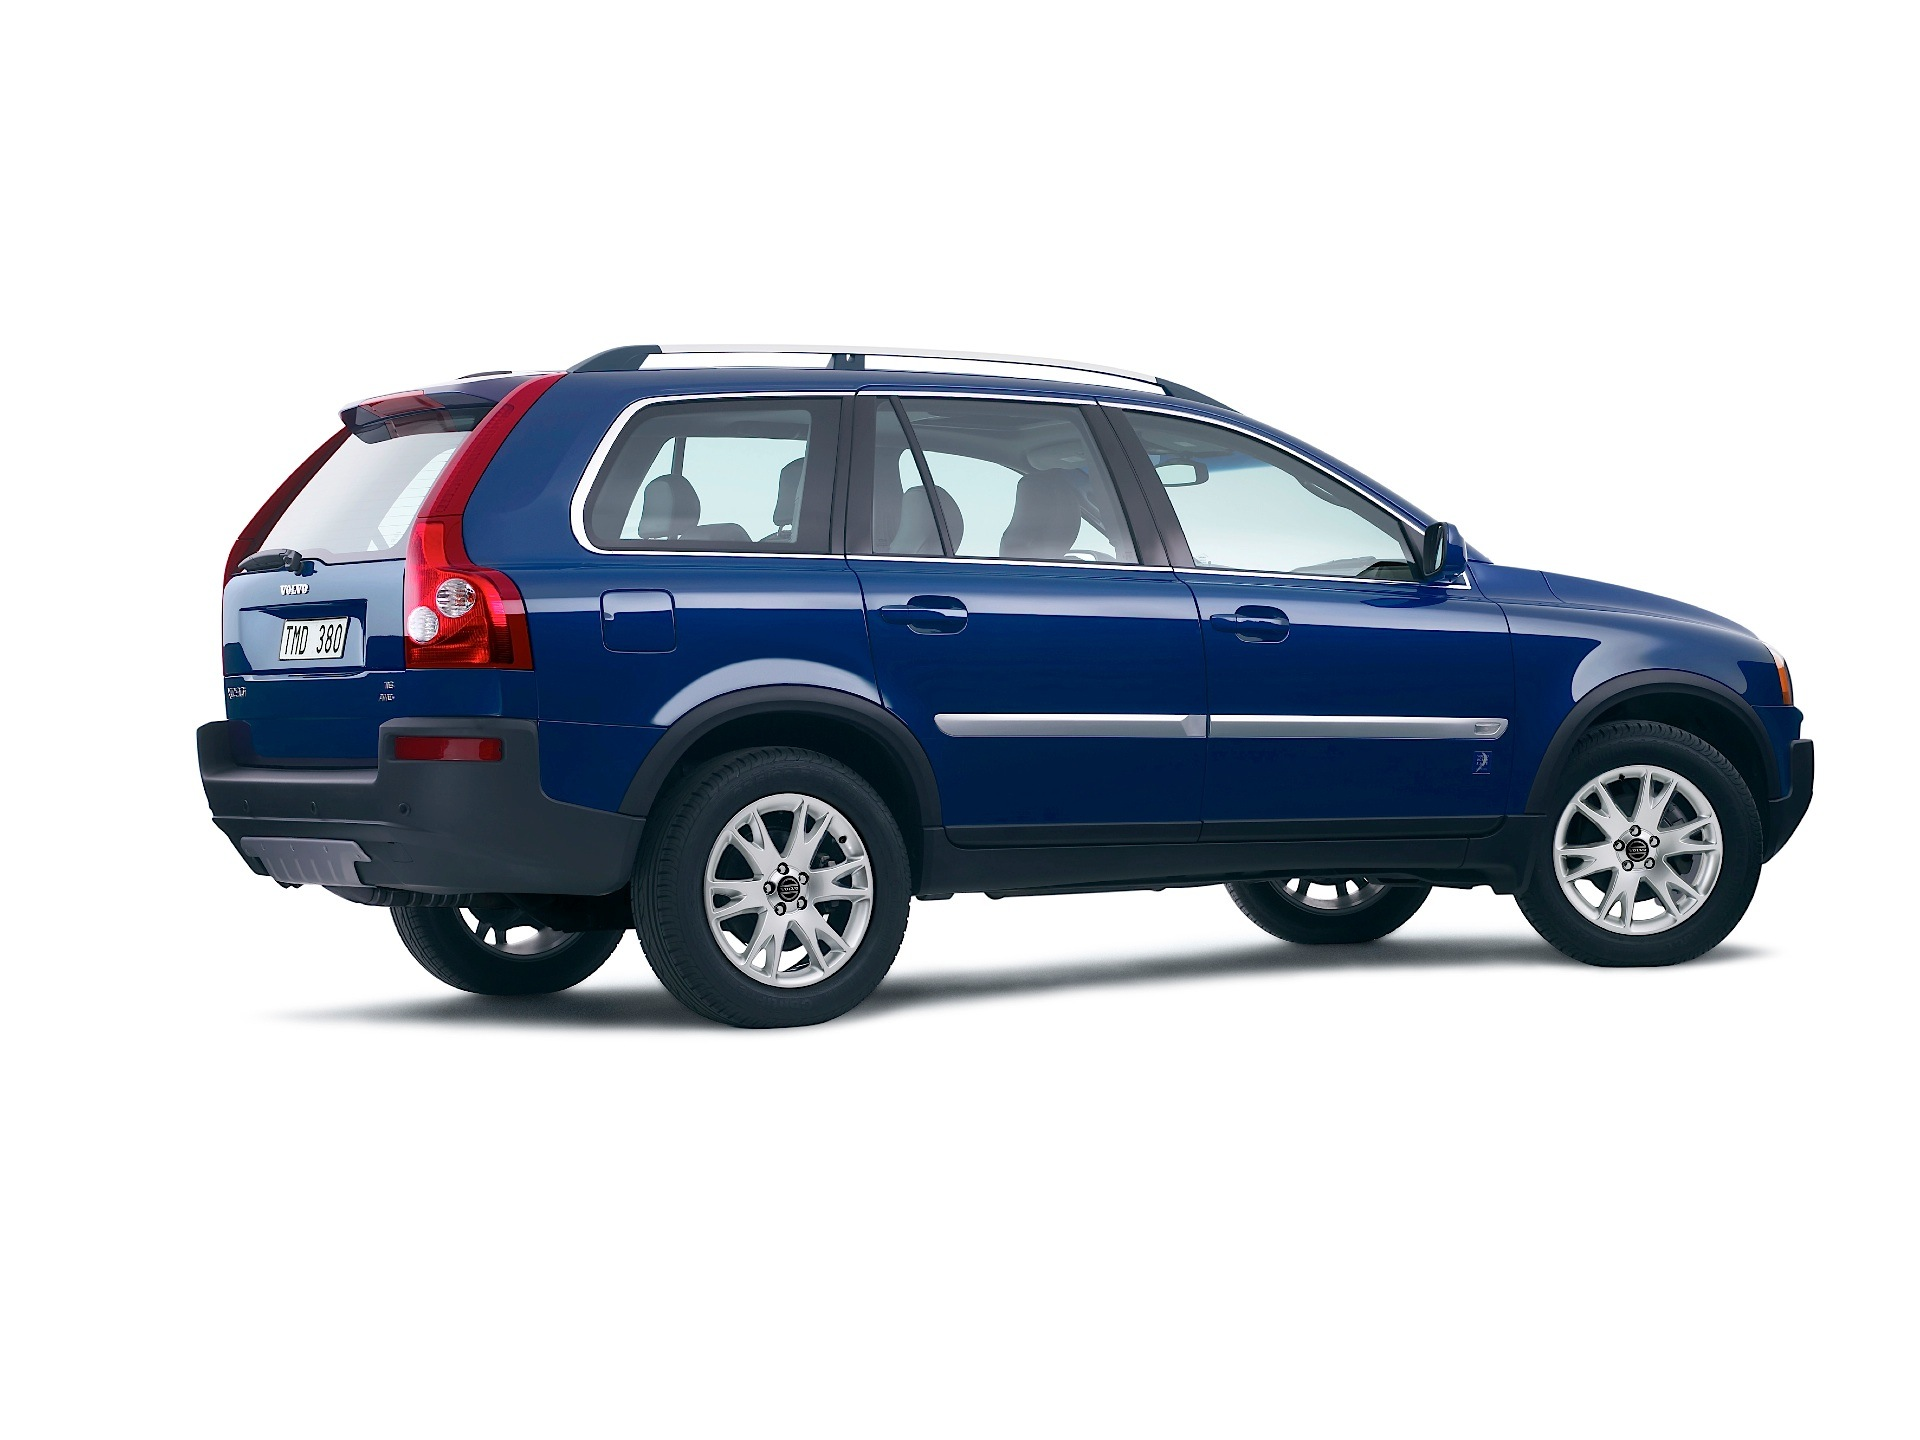 VOLVO XC90 specs - 2002, 2003, 2004, 2005, 2006 - autoevolution